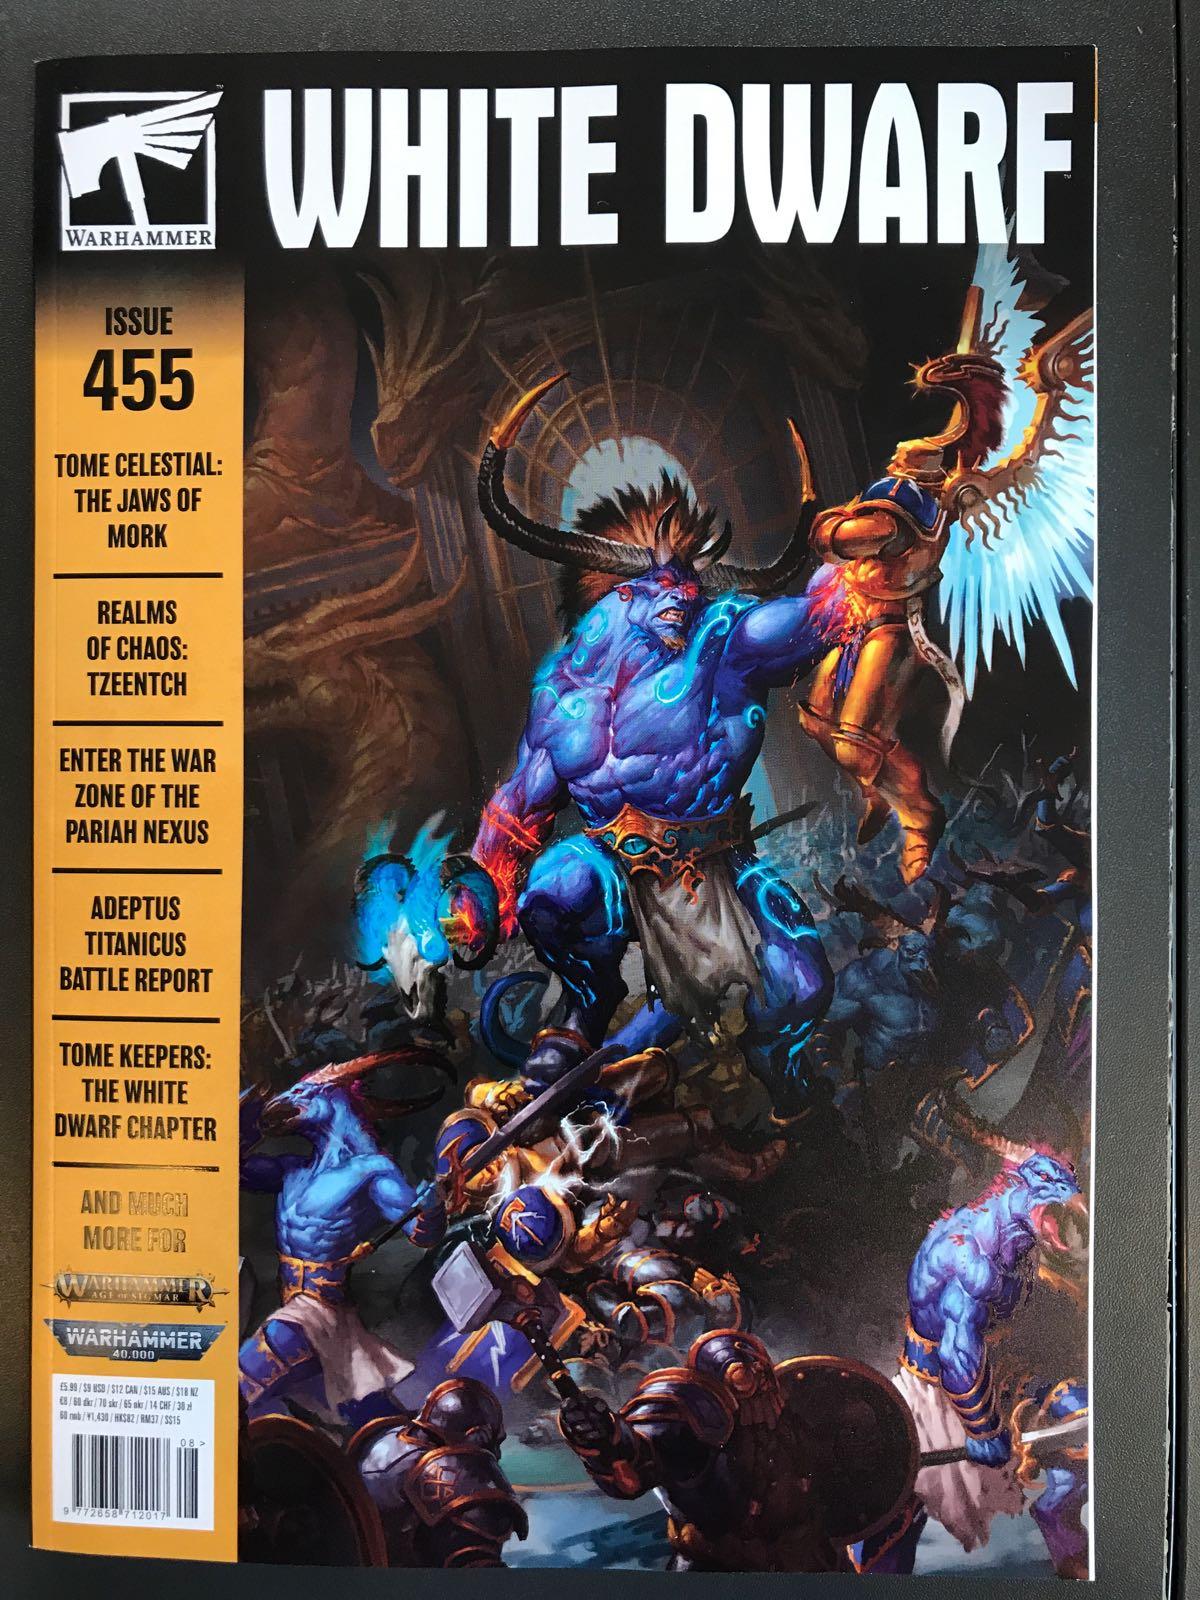 WHITE DWARF: ISSUE 455